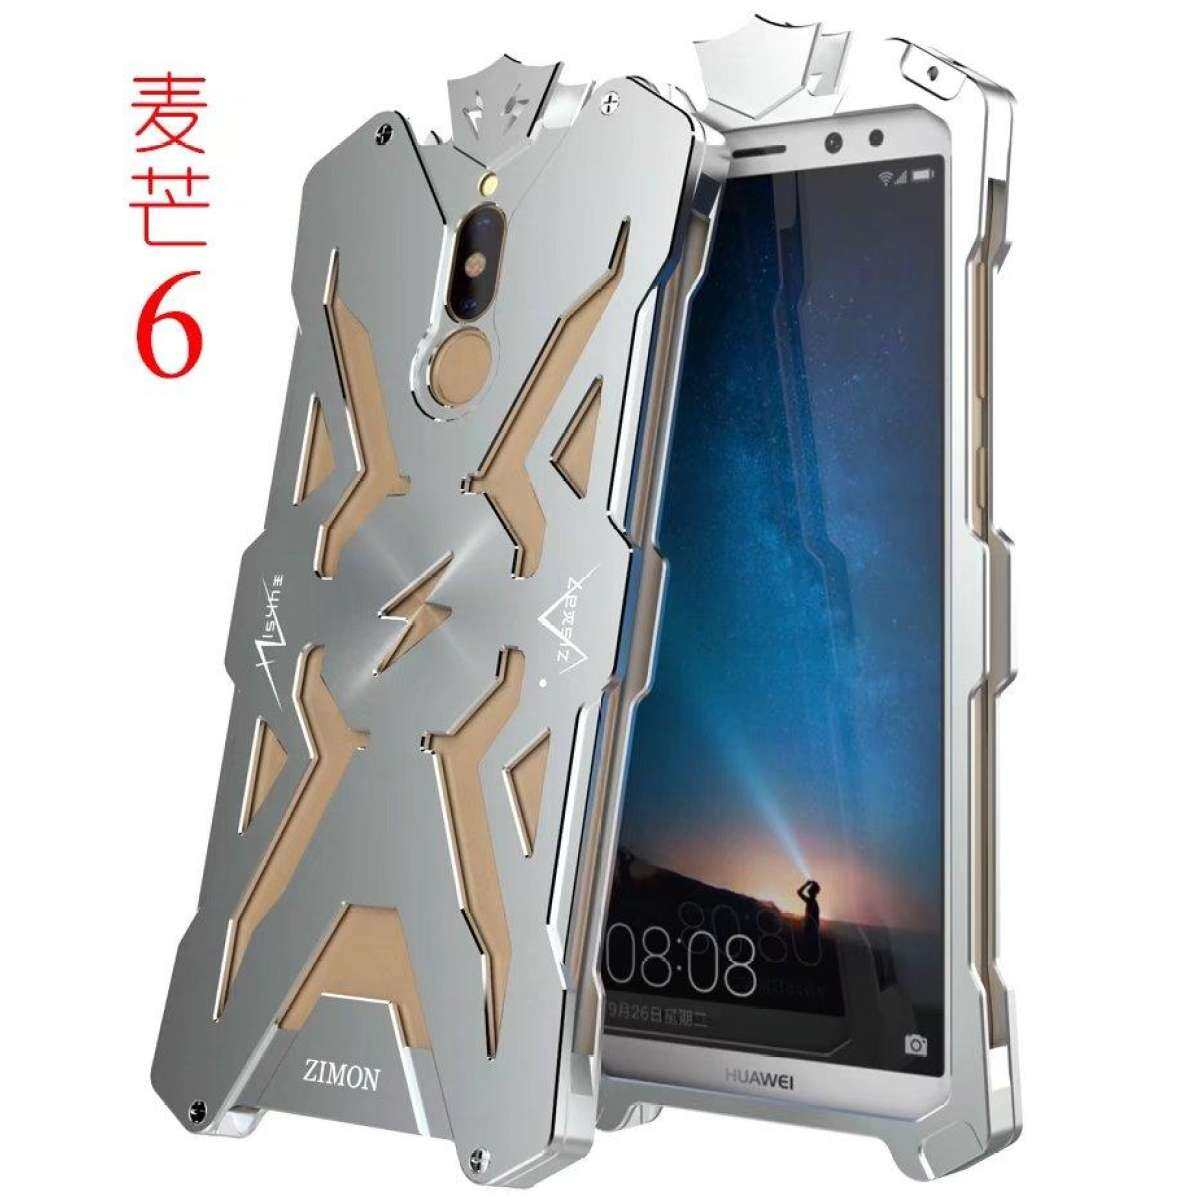 Thor Series Aviation Aluminum Metal Ironman Cover Case for Huawei Mate 10 Lite / Nova 2i